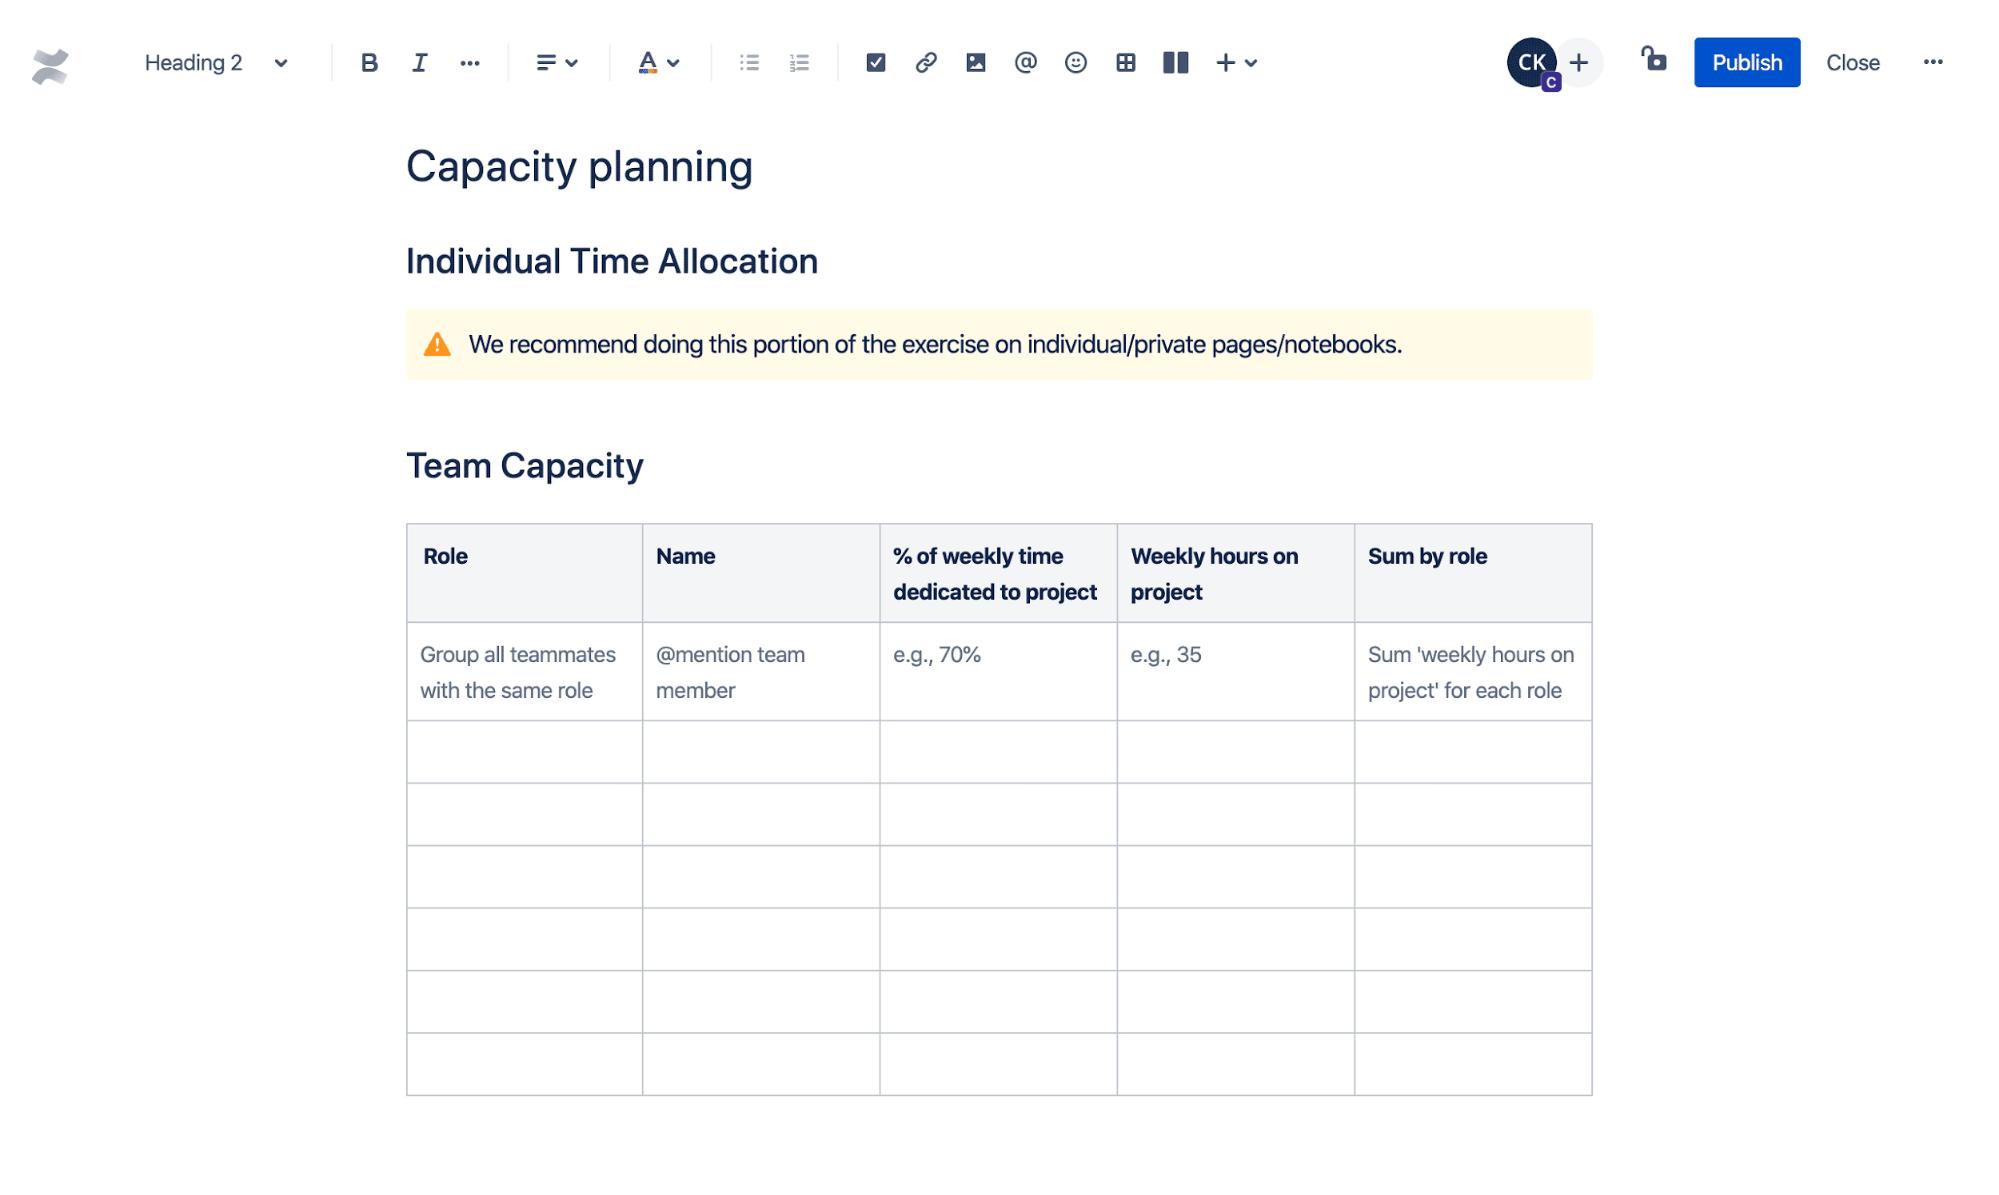 Dokument zur Kapazitätsplanung